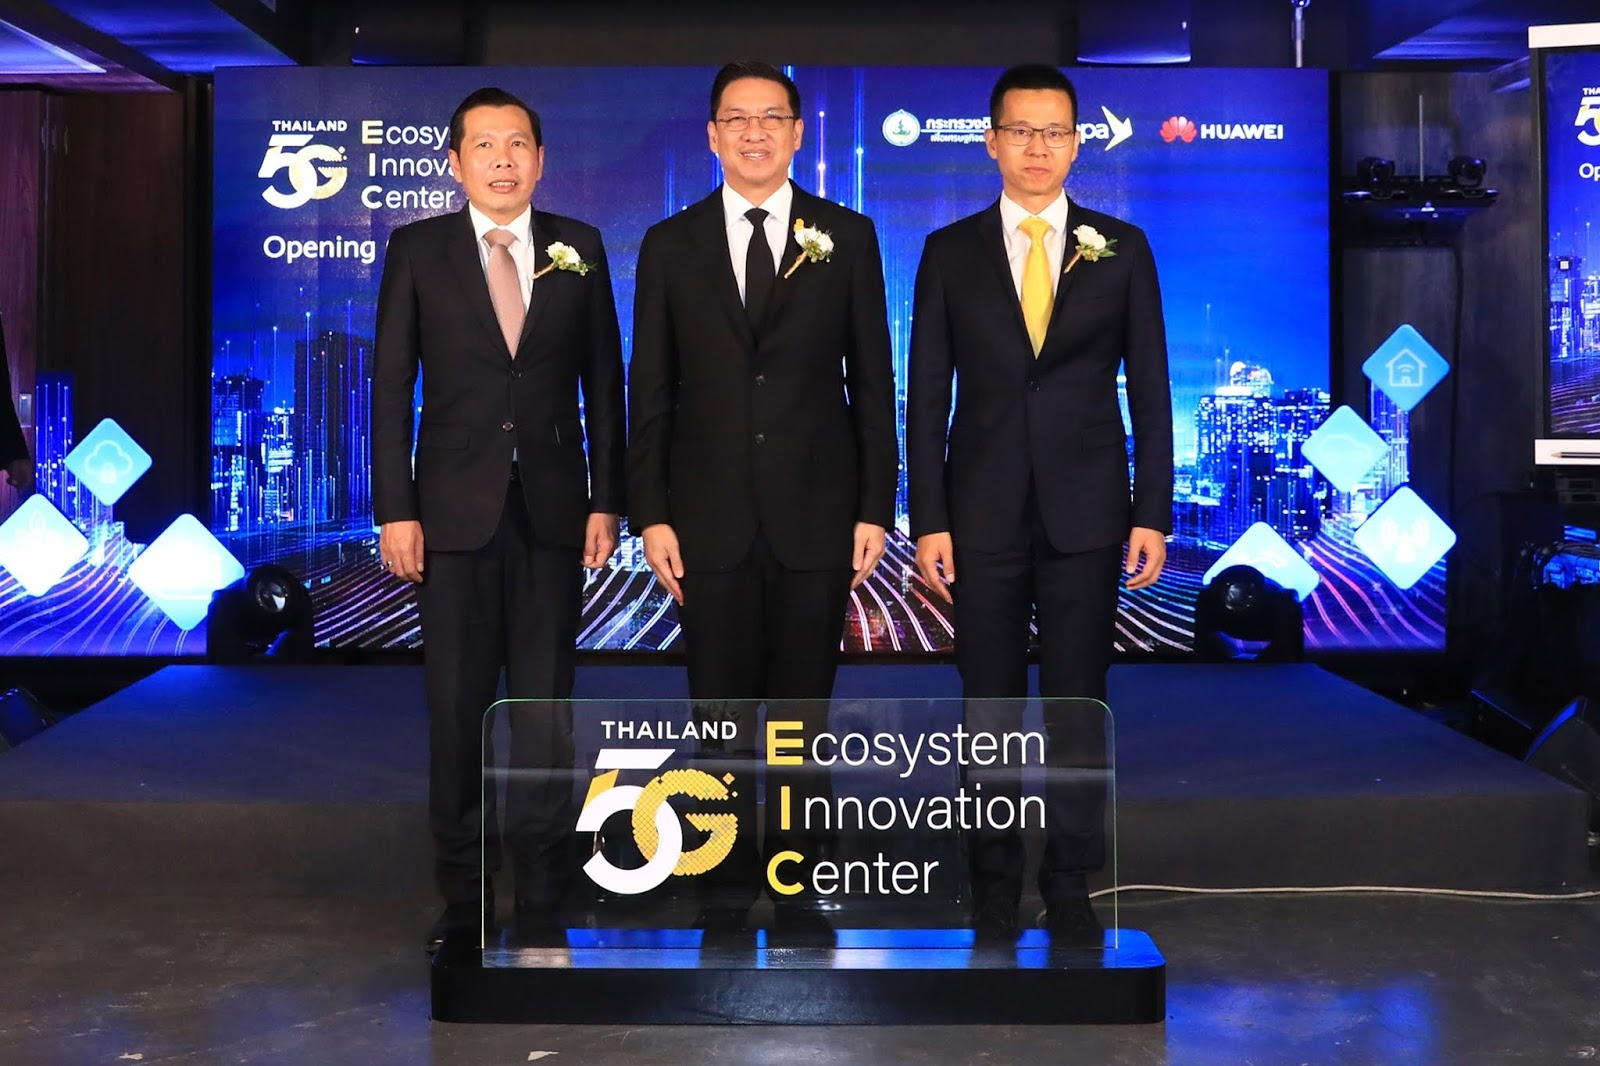 กระทรวงดิจิทัลฯ โดย DEPA ผนึกกำลัง Huawei เปิดศูนย์ Thailand 5G Ecosystem Innovation Center (5G EIC) เร่งพลิกโฉมทุกอุตสาหกรรมสู่ดิจิทัล